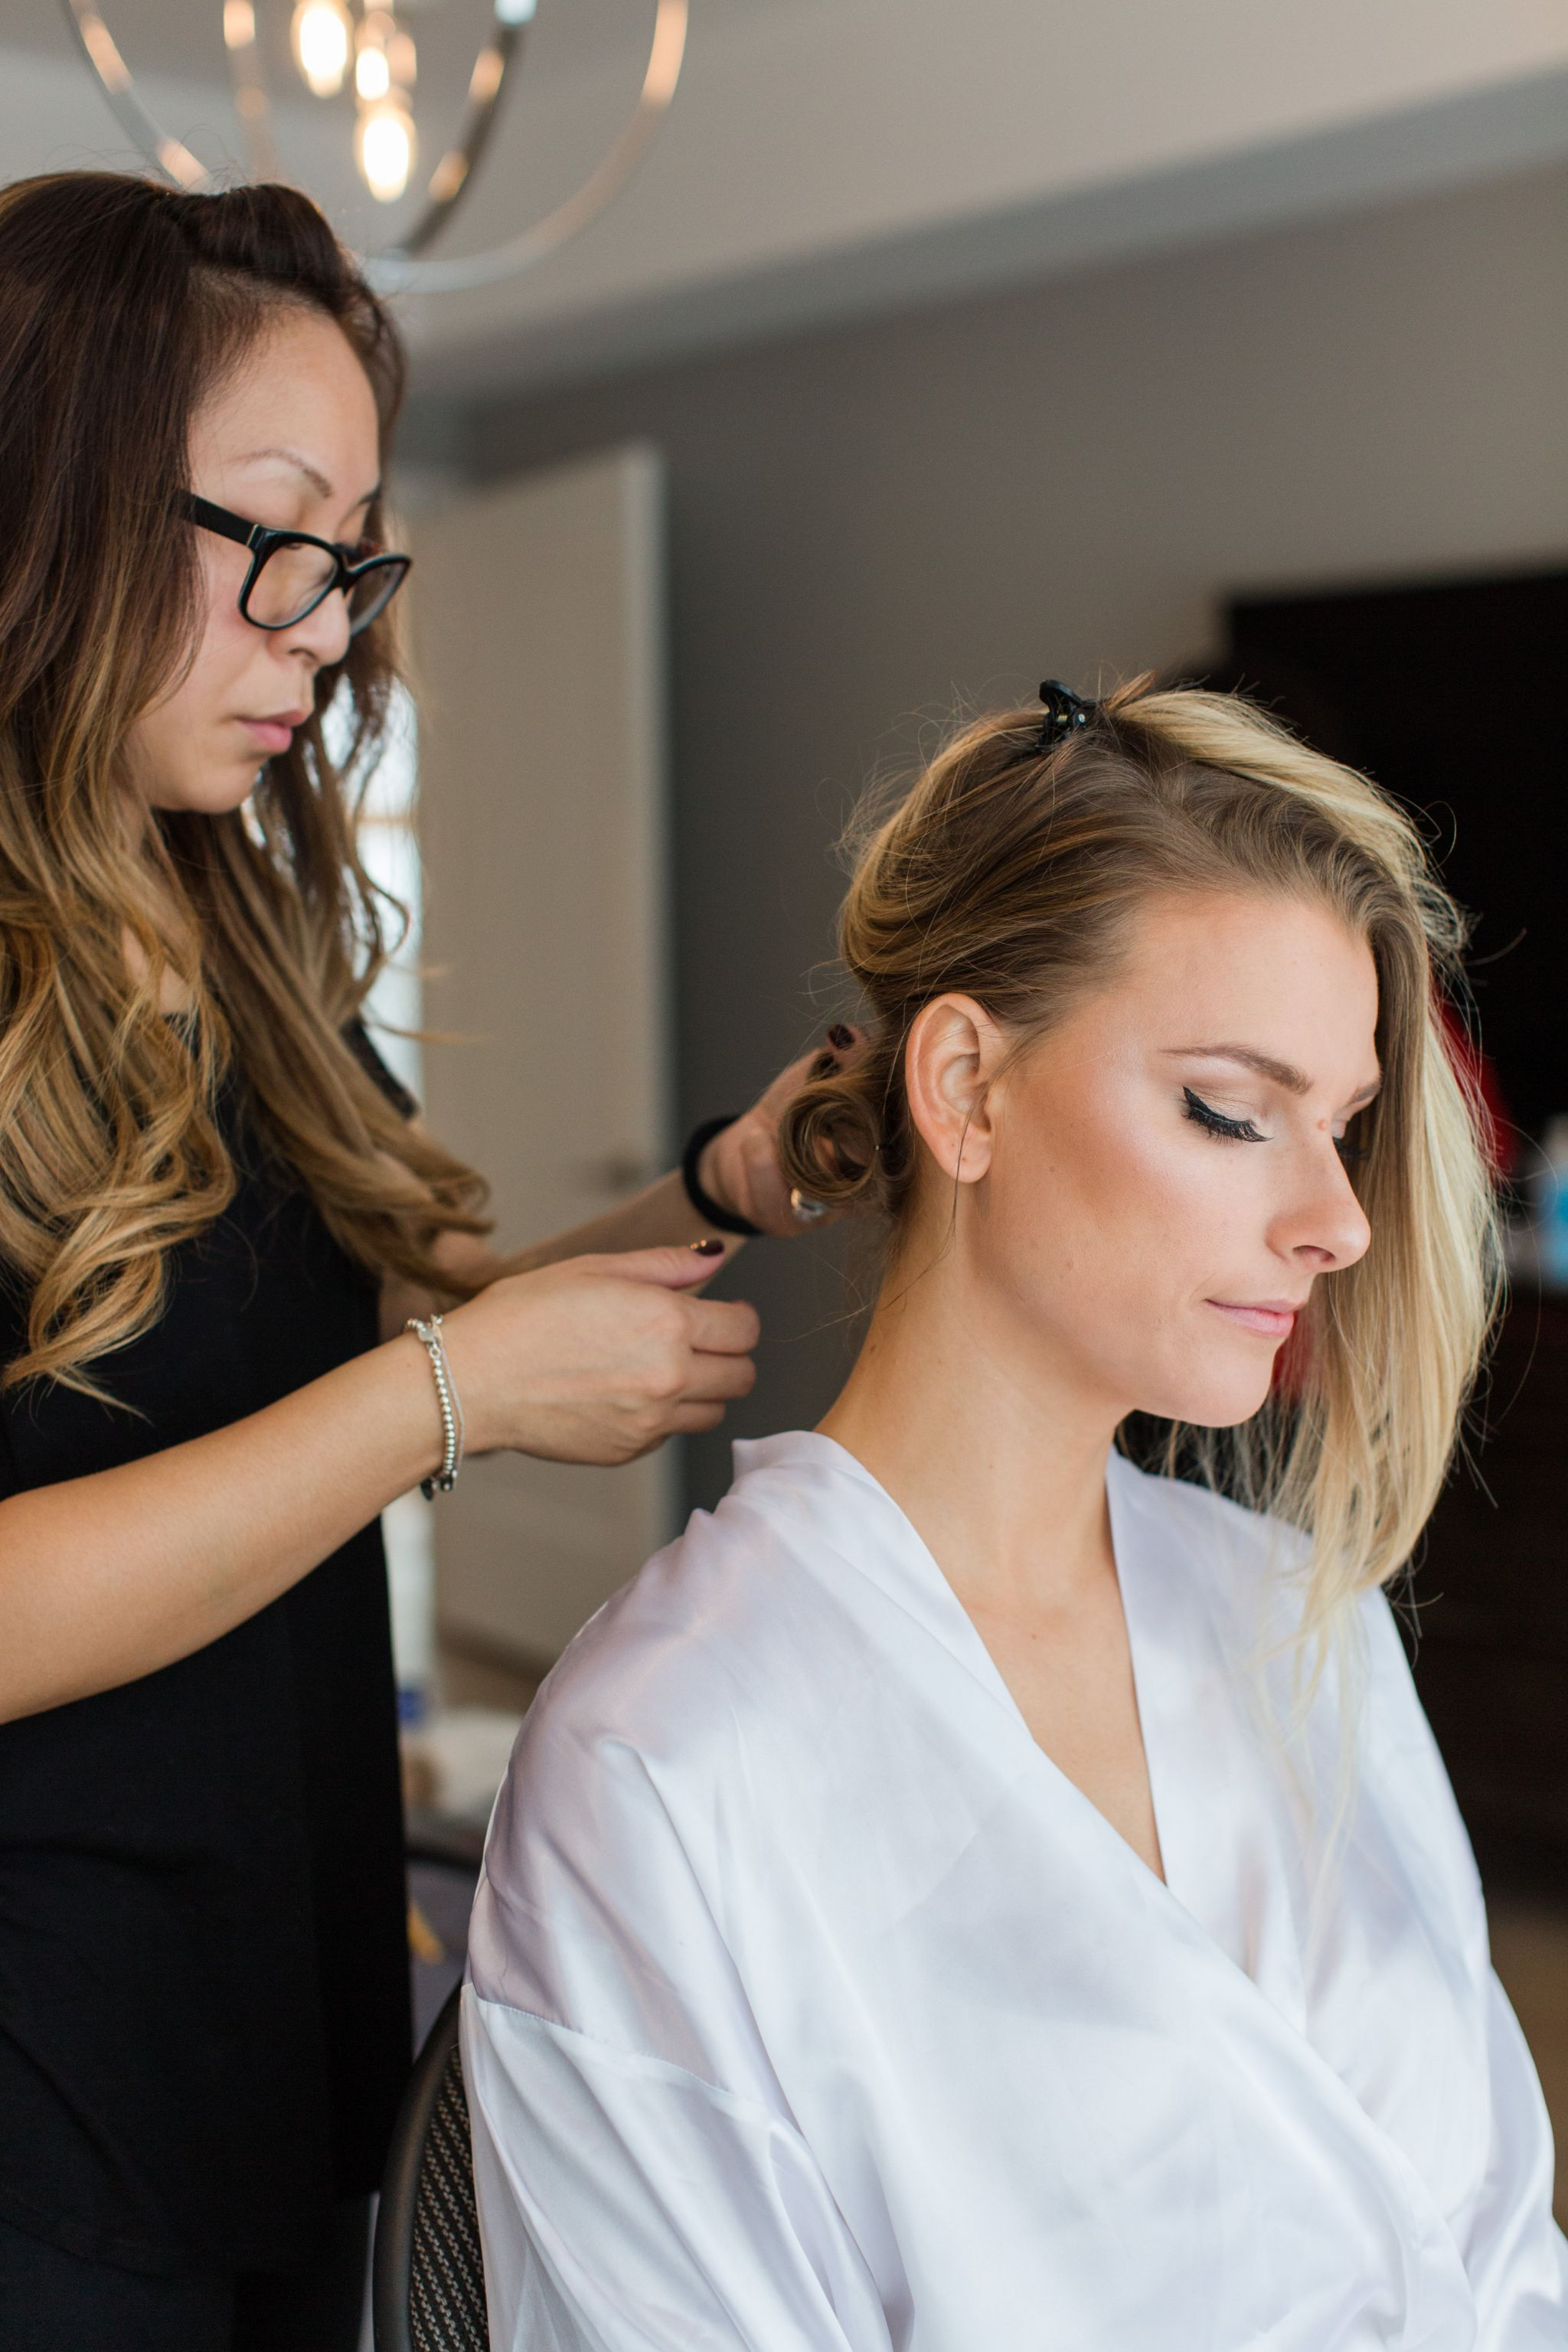 ferrante salon ottawa bridal wedding hair